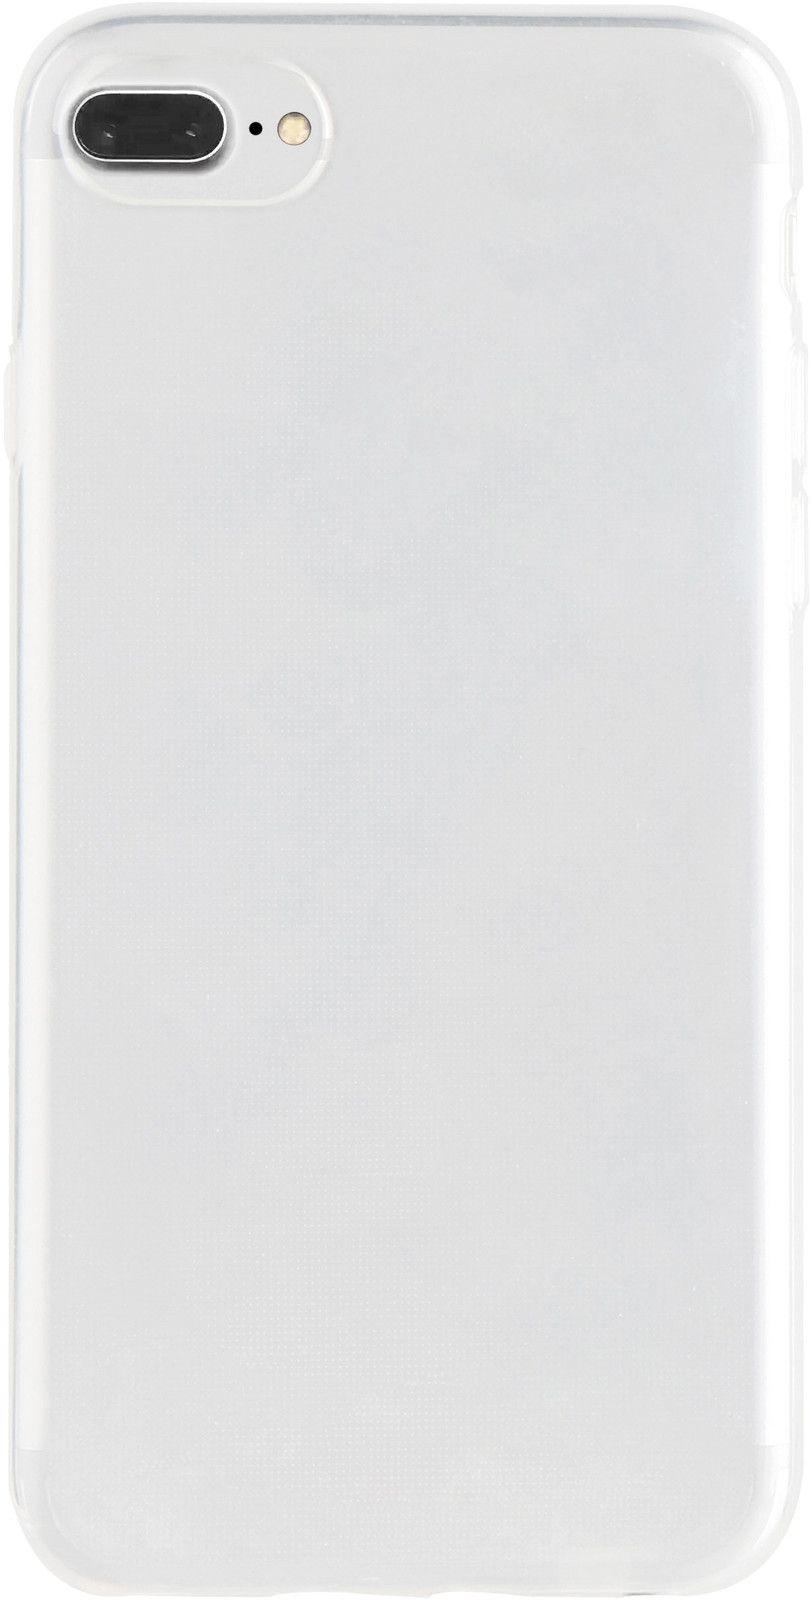 Xqisit Flex Case (iPhone 7/6(S) Plus)